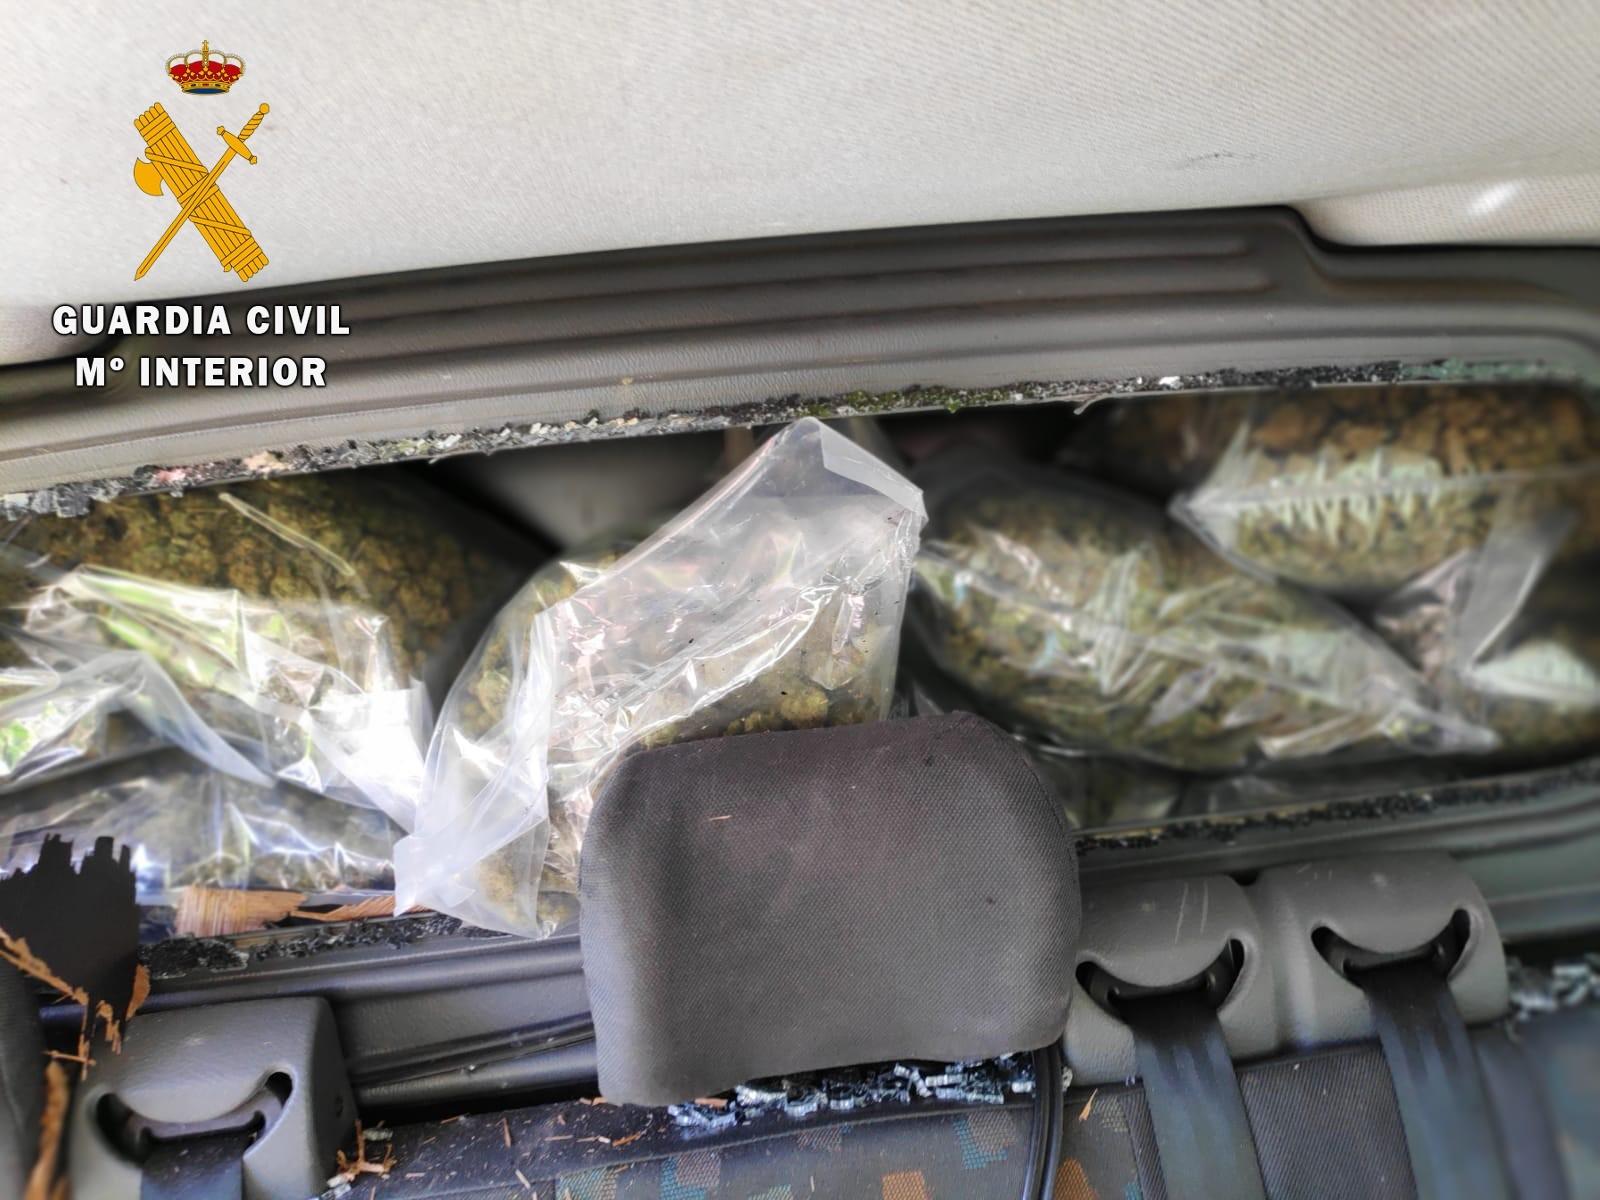 Interceptado un vehículo con 36 kilos de marihuana en Huétor Santillán